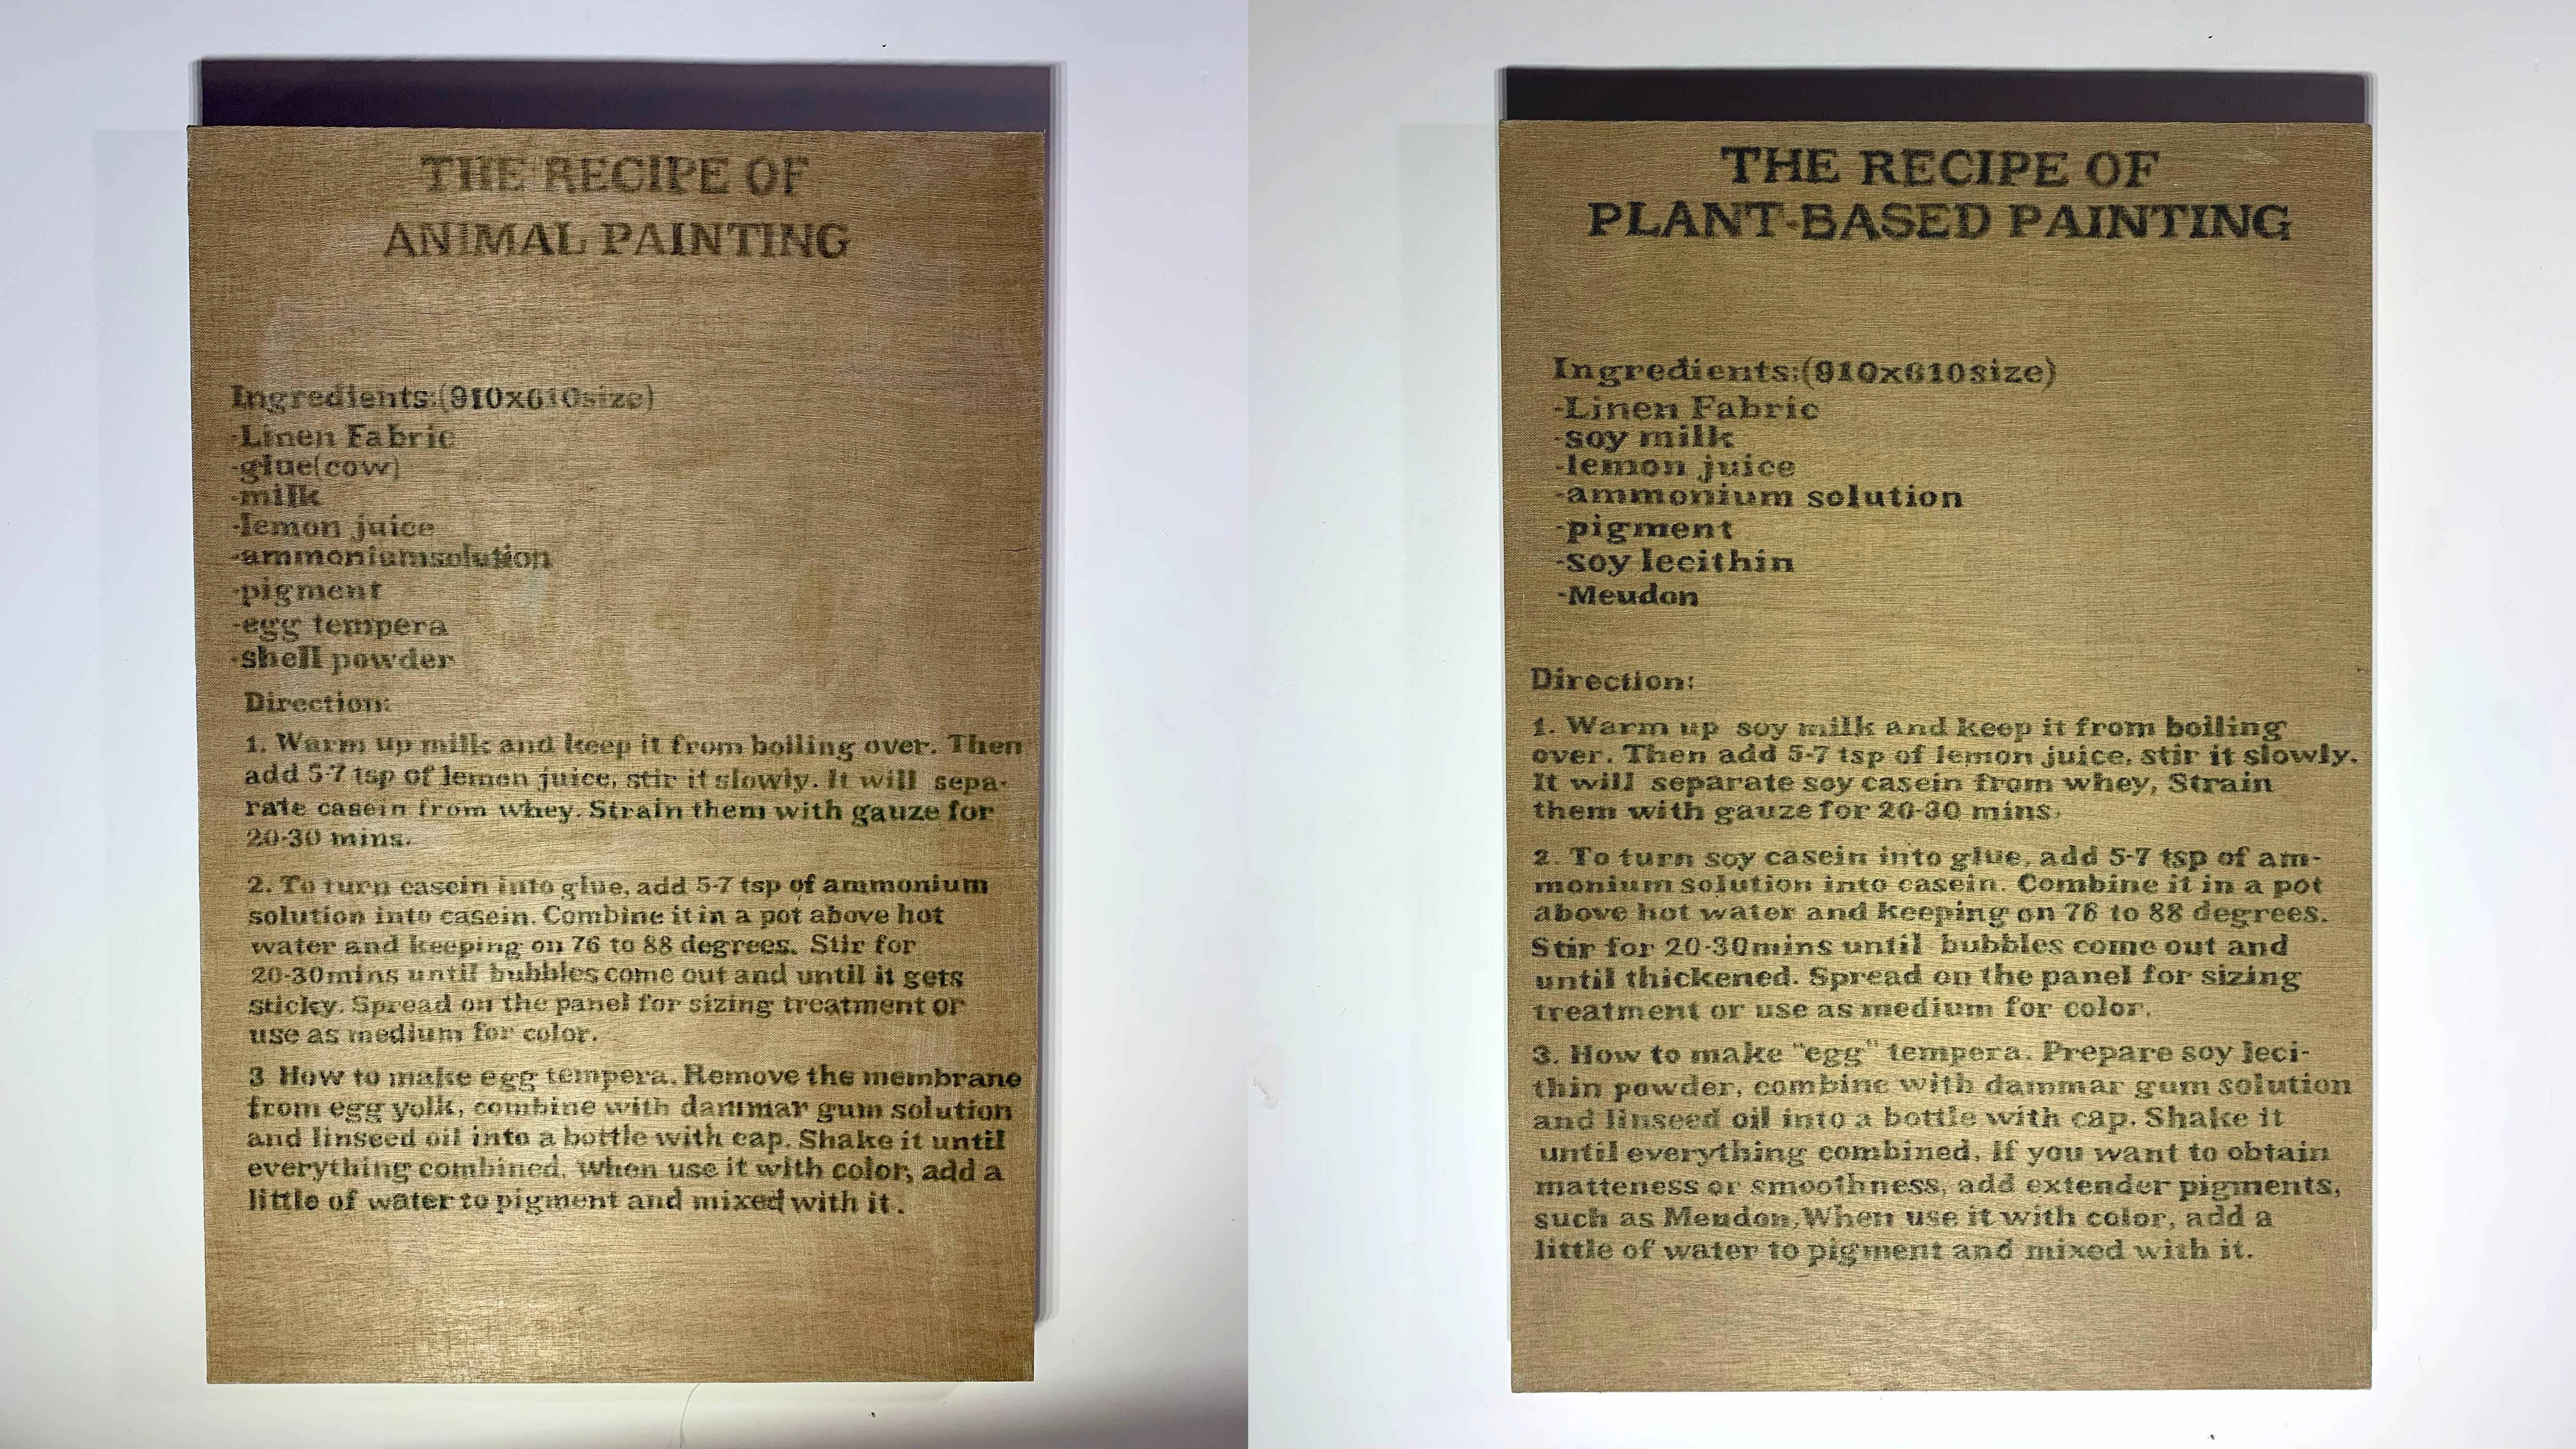 動物性絵画、植物性絵画